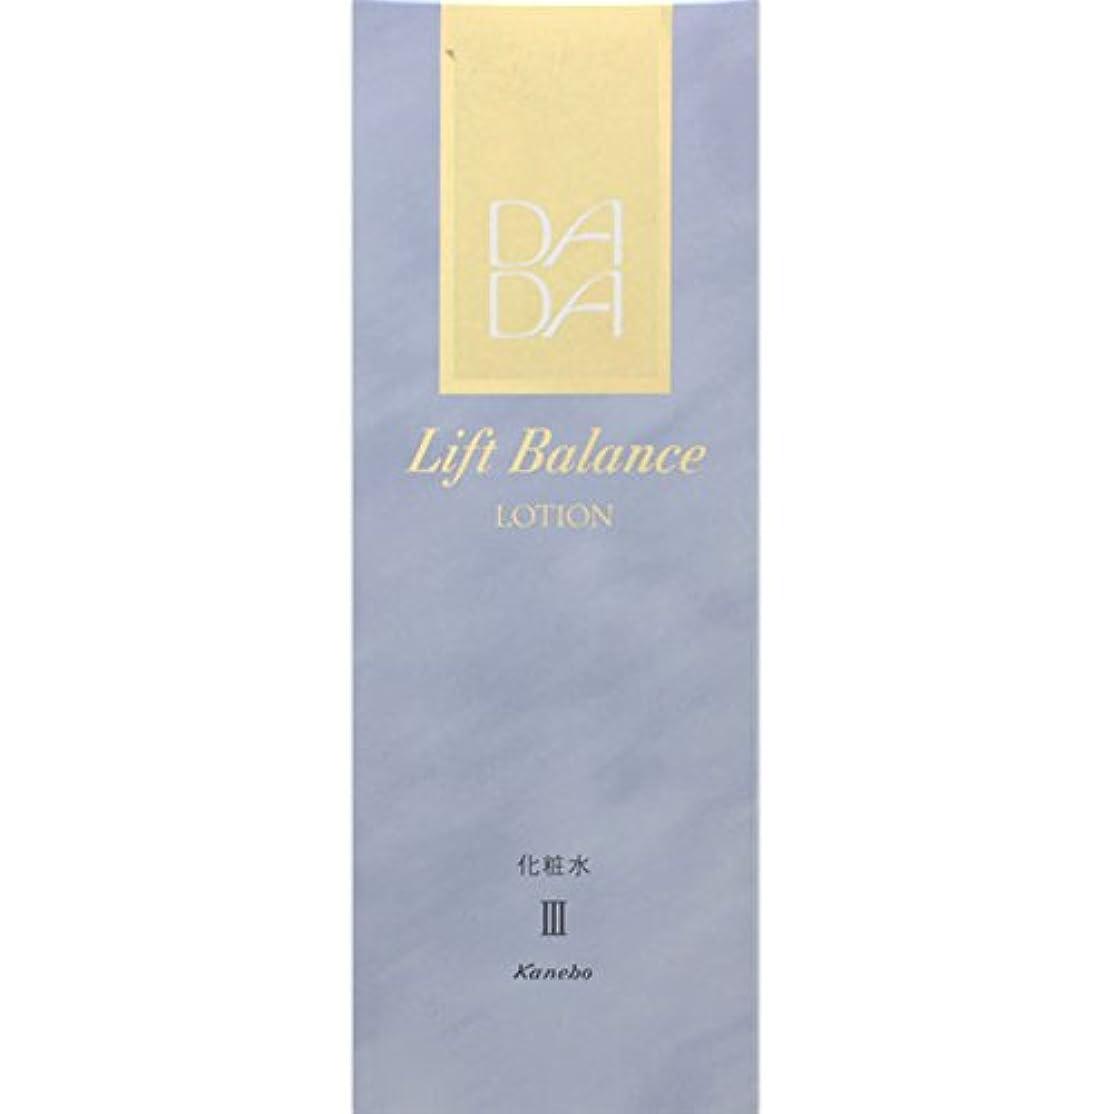 艶つかむ孤独な【カネボウ】 DADA(ダダ) B15 リフトバランスローションIII しっとり 120ml